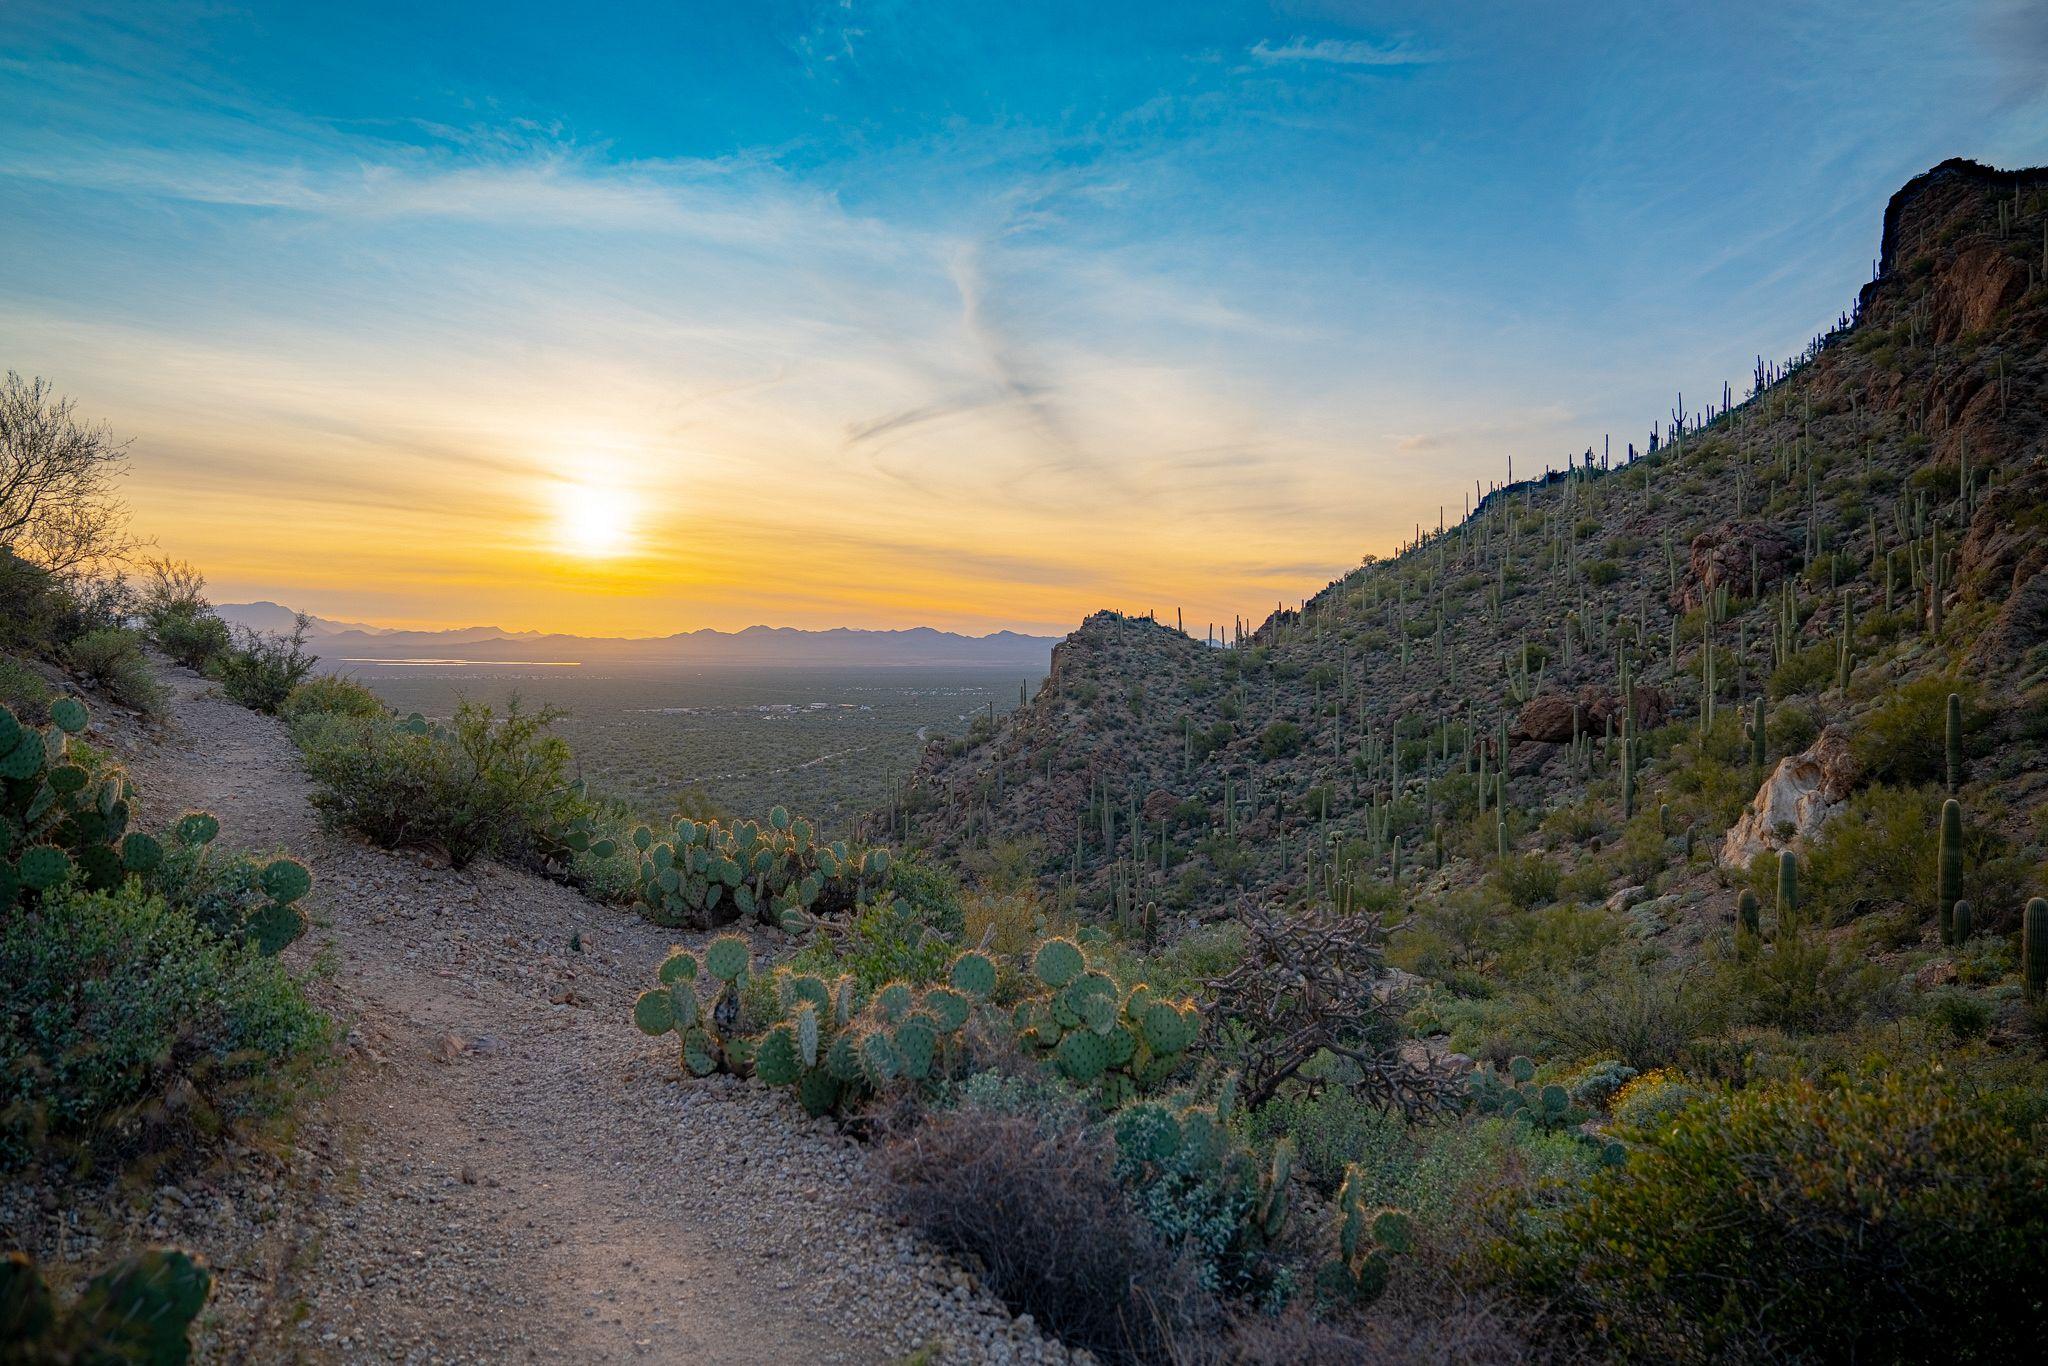 Sunset at Gates Pass Trail